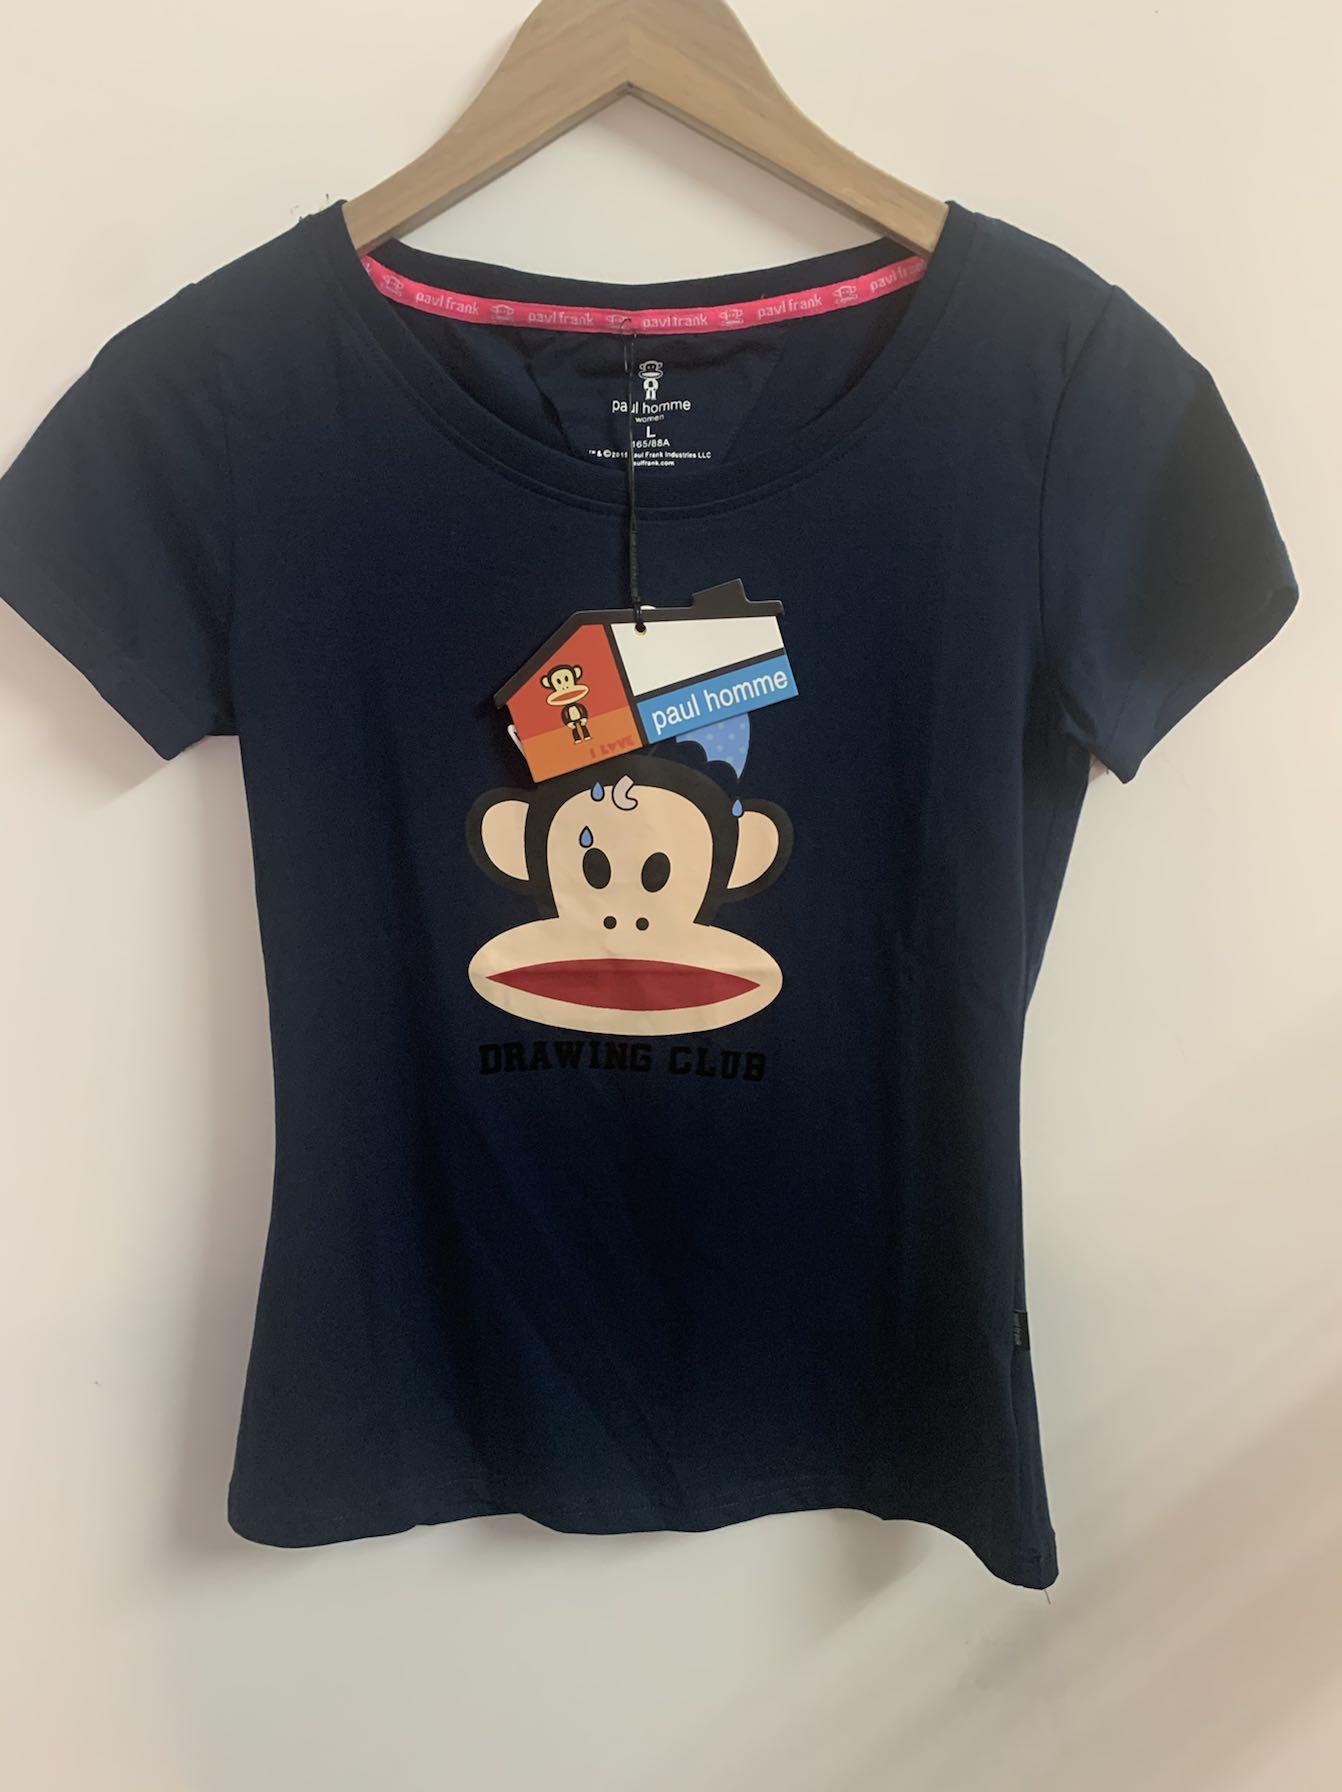 女士大嘴猴t恤 2020夏季简约T恤全棉印花ins超火修身上衣大嘴猴图案短袖女_推荐淘宝好看的女大嘴猴t恤